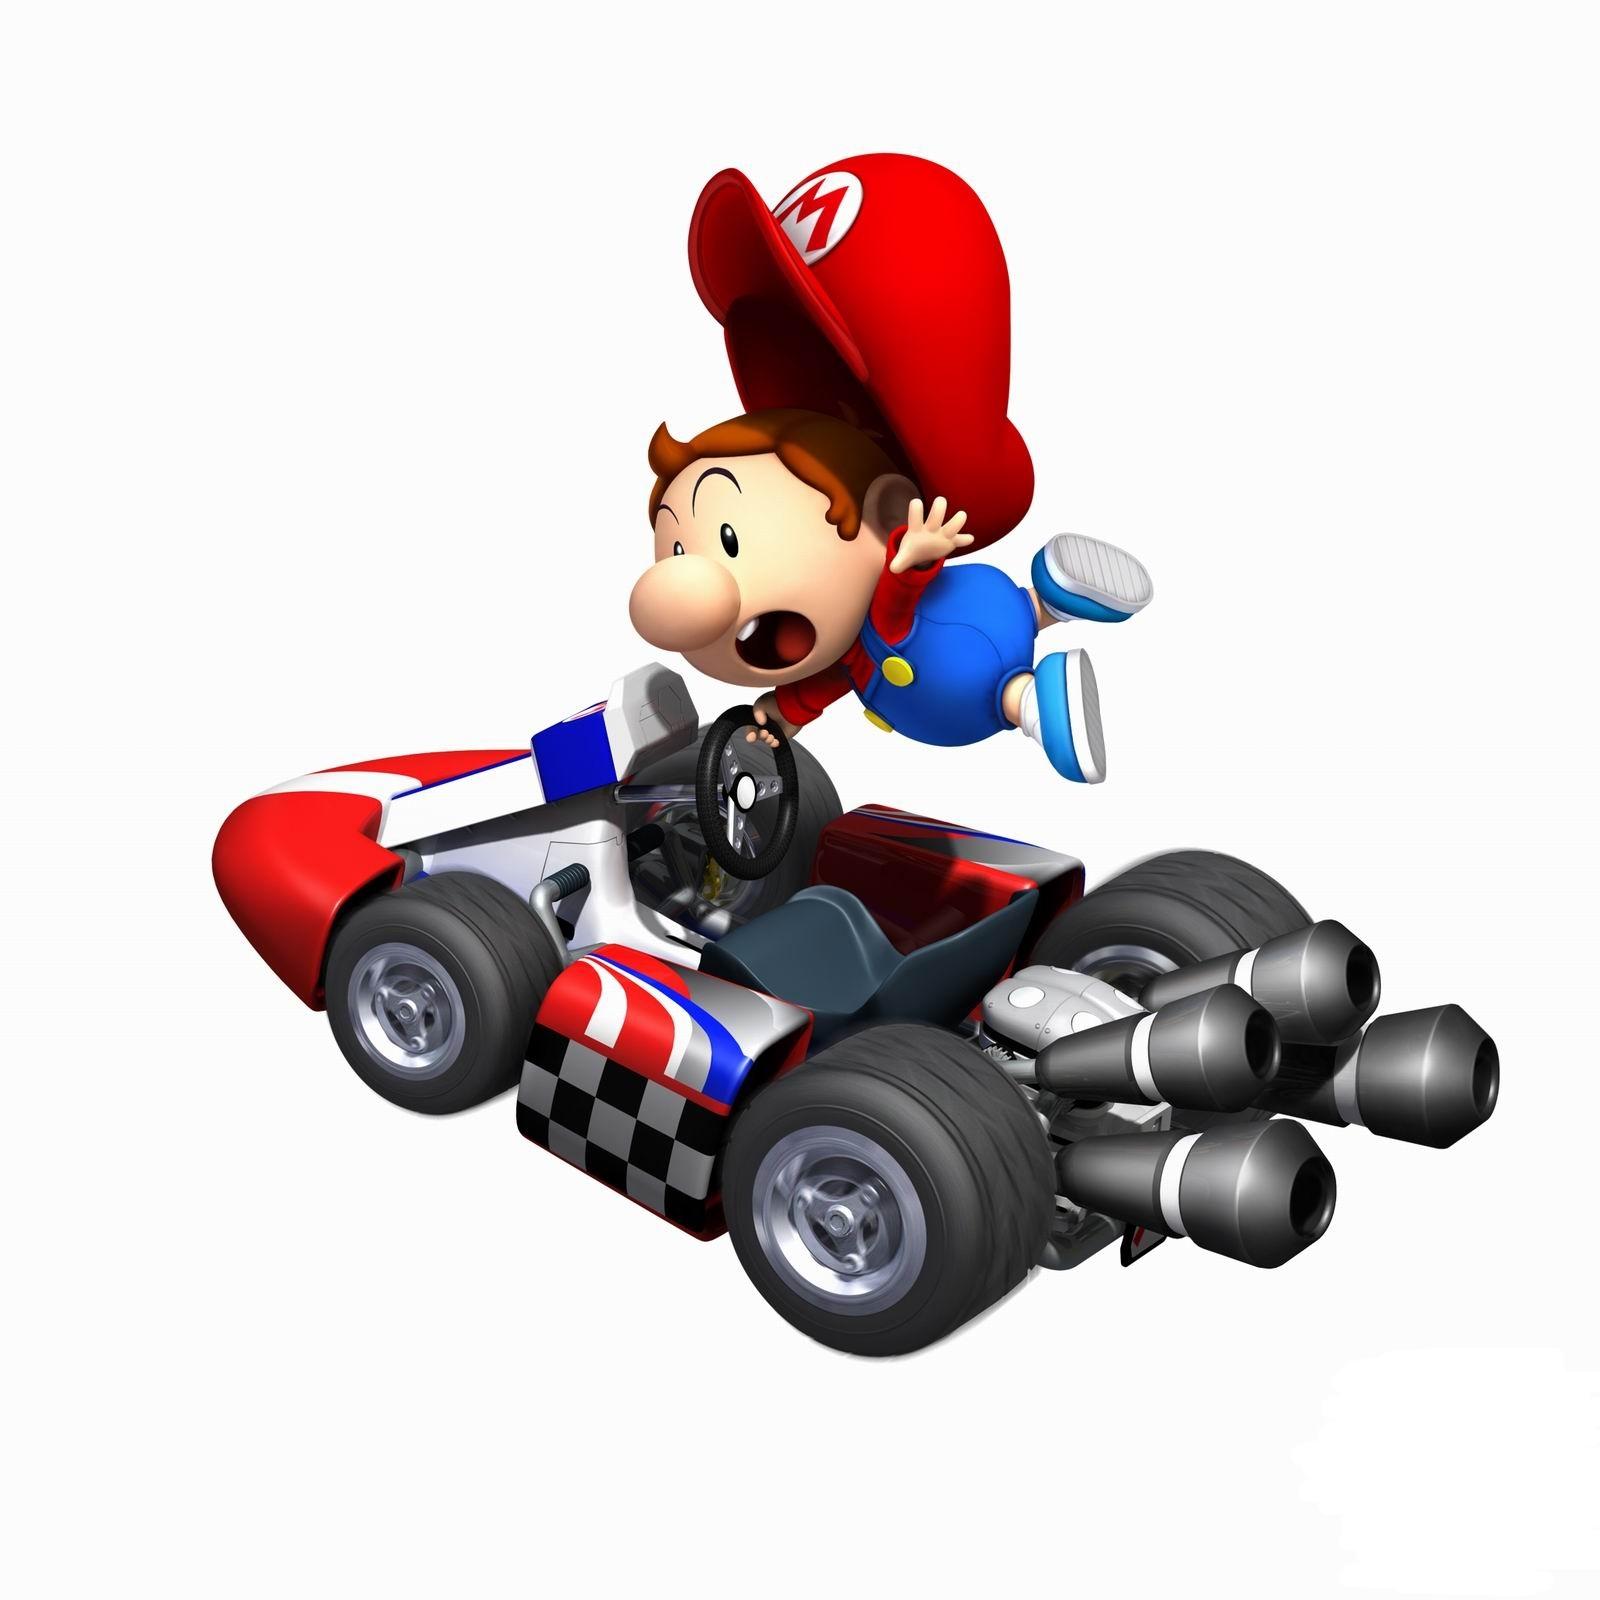 150cc Star Cup, Paratroopa + Baby Luigi, Mario Kart Double ...  |Baby Mario And Baby Luigi Mario Kart Double Dash